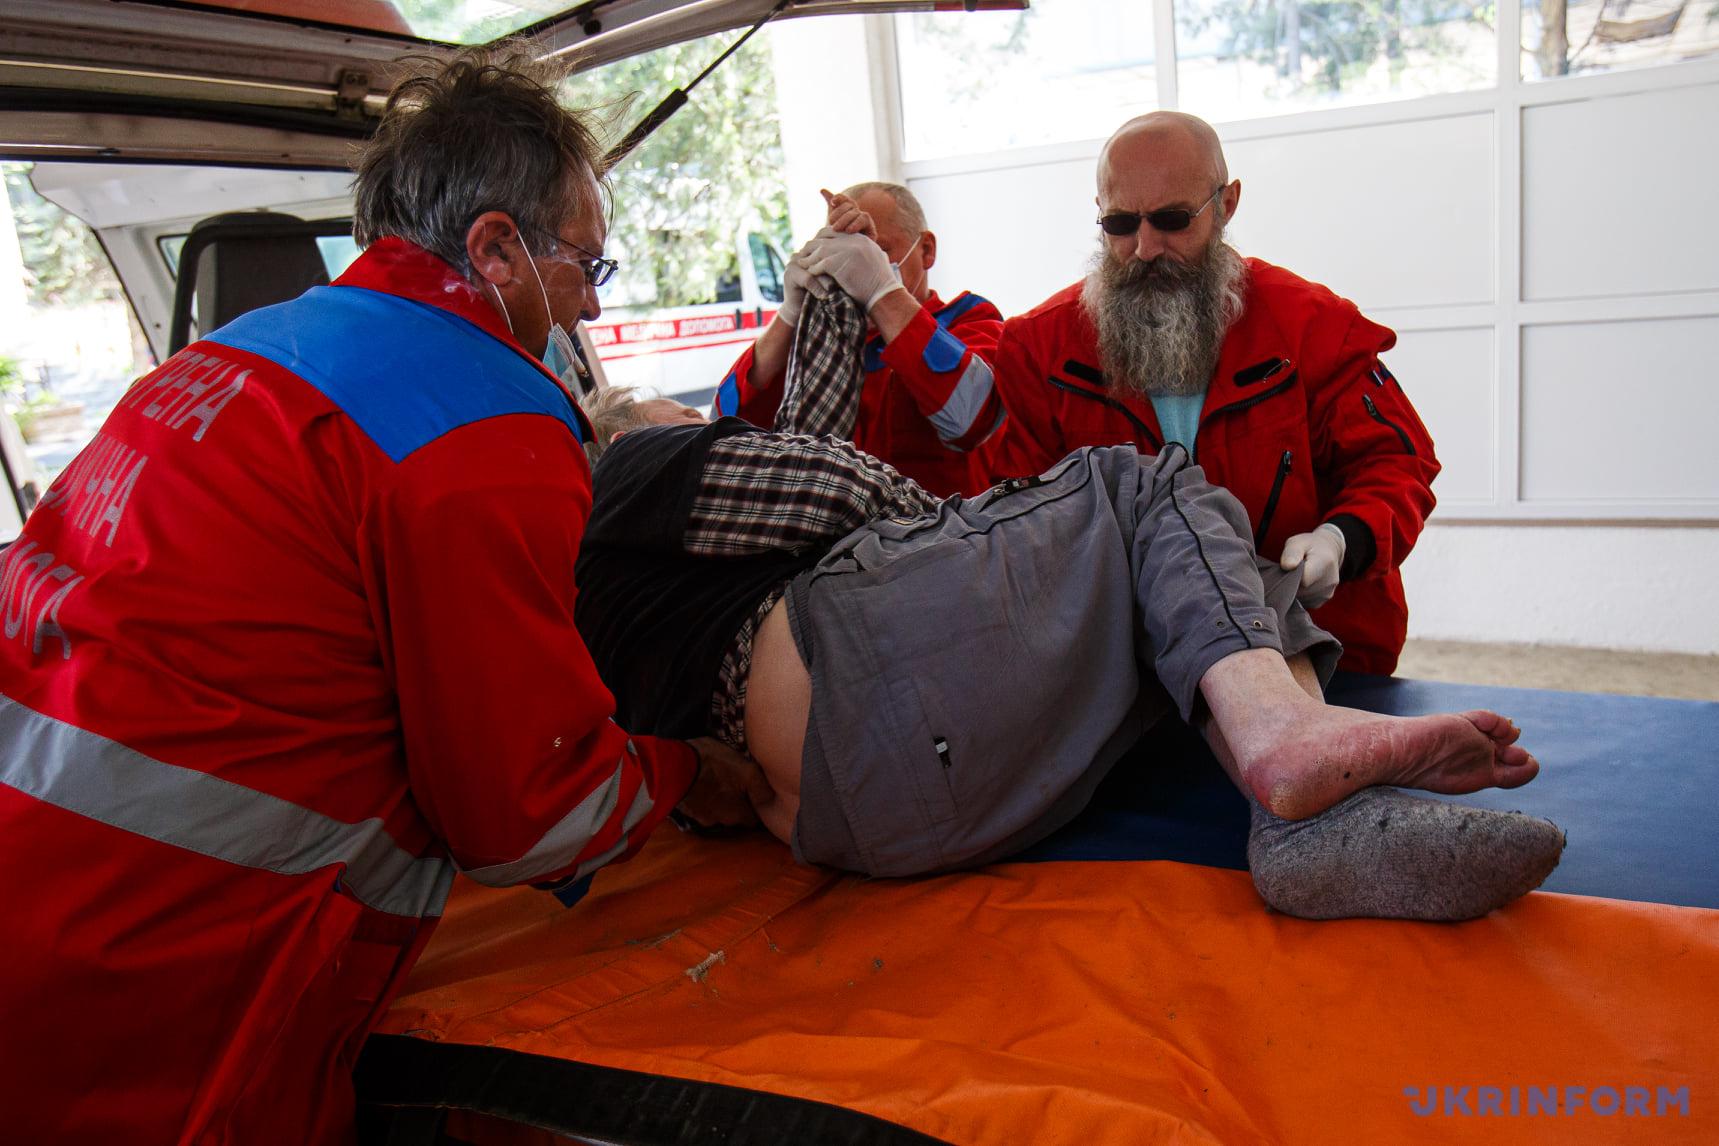 працівники екстреної медичної допомоги перекладають хворого з підозрою на перелом ноги на ноші в травмпункті